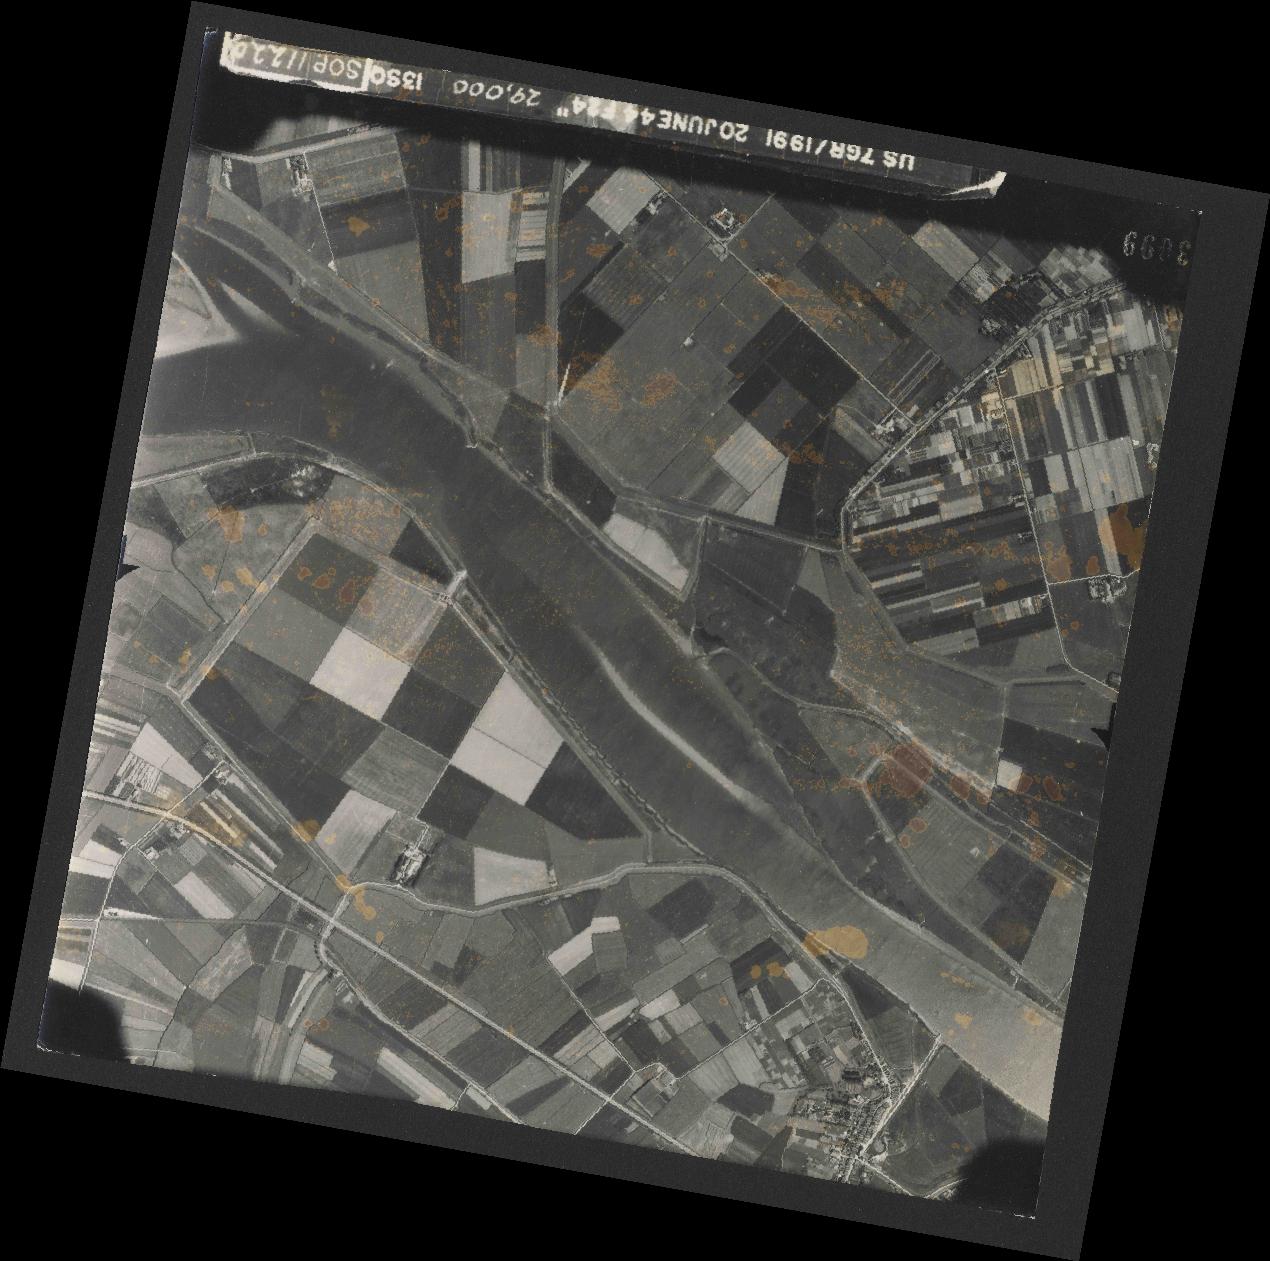 Collection RAF aerial photos 1940-1945 - flight 343, run 13, photo 3099